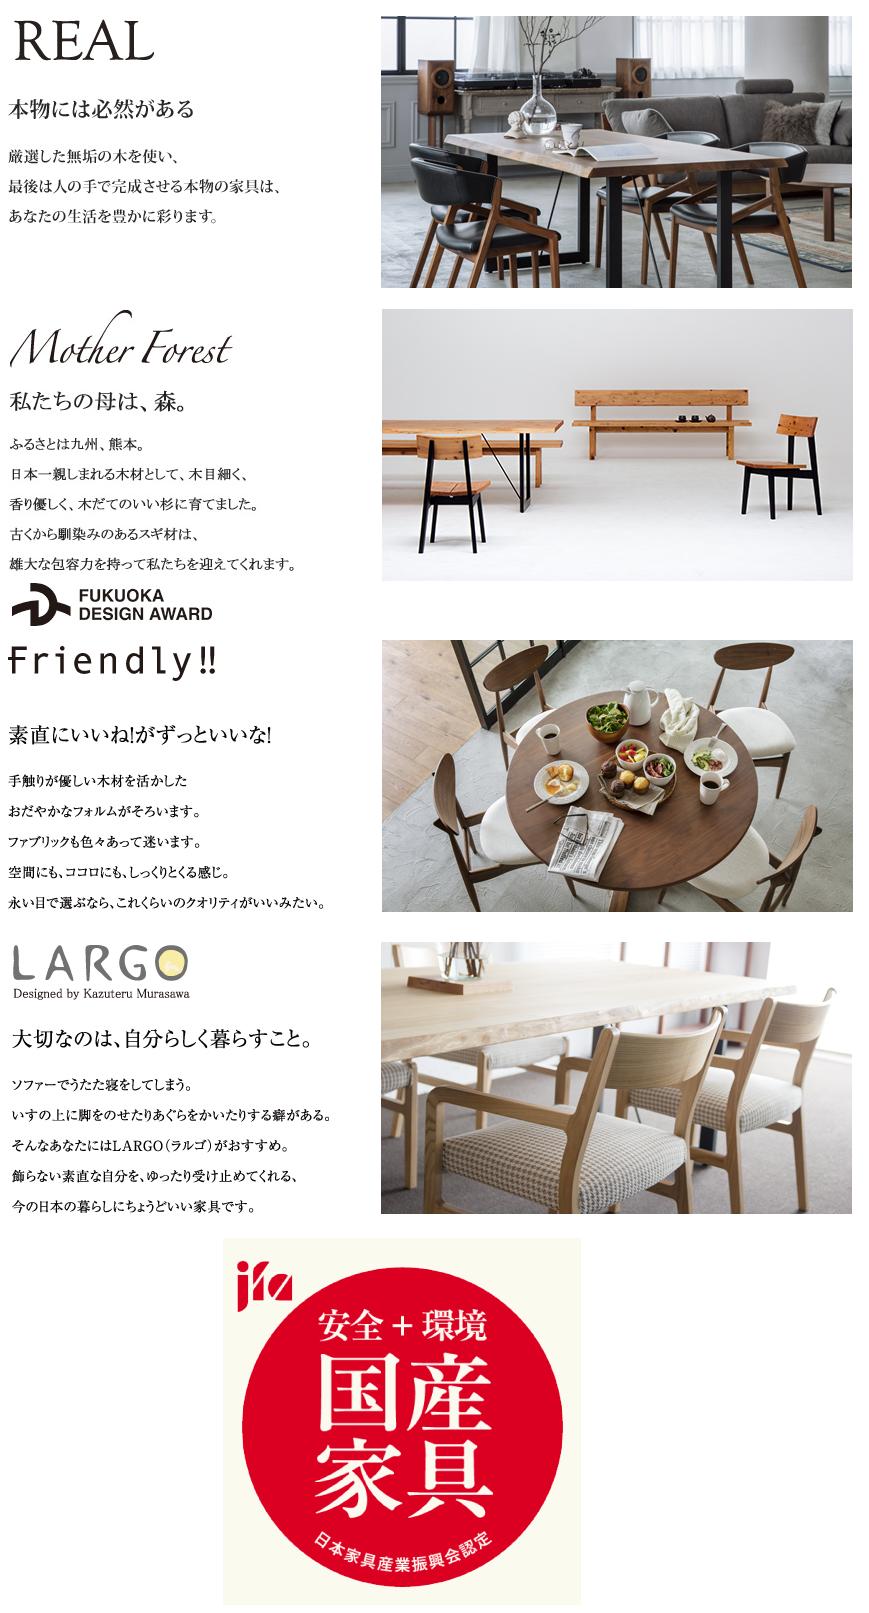 nagano-write.png